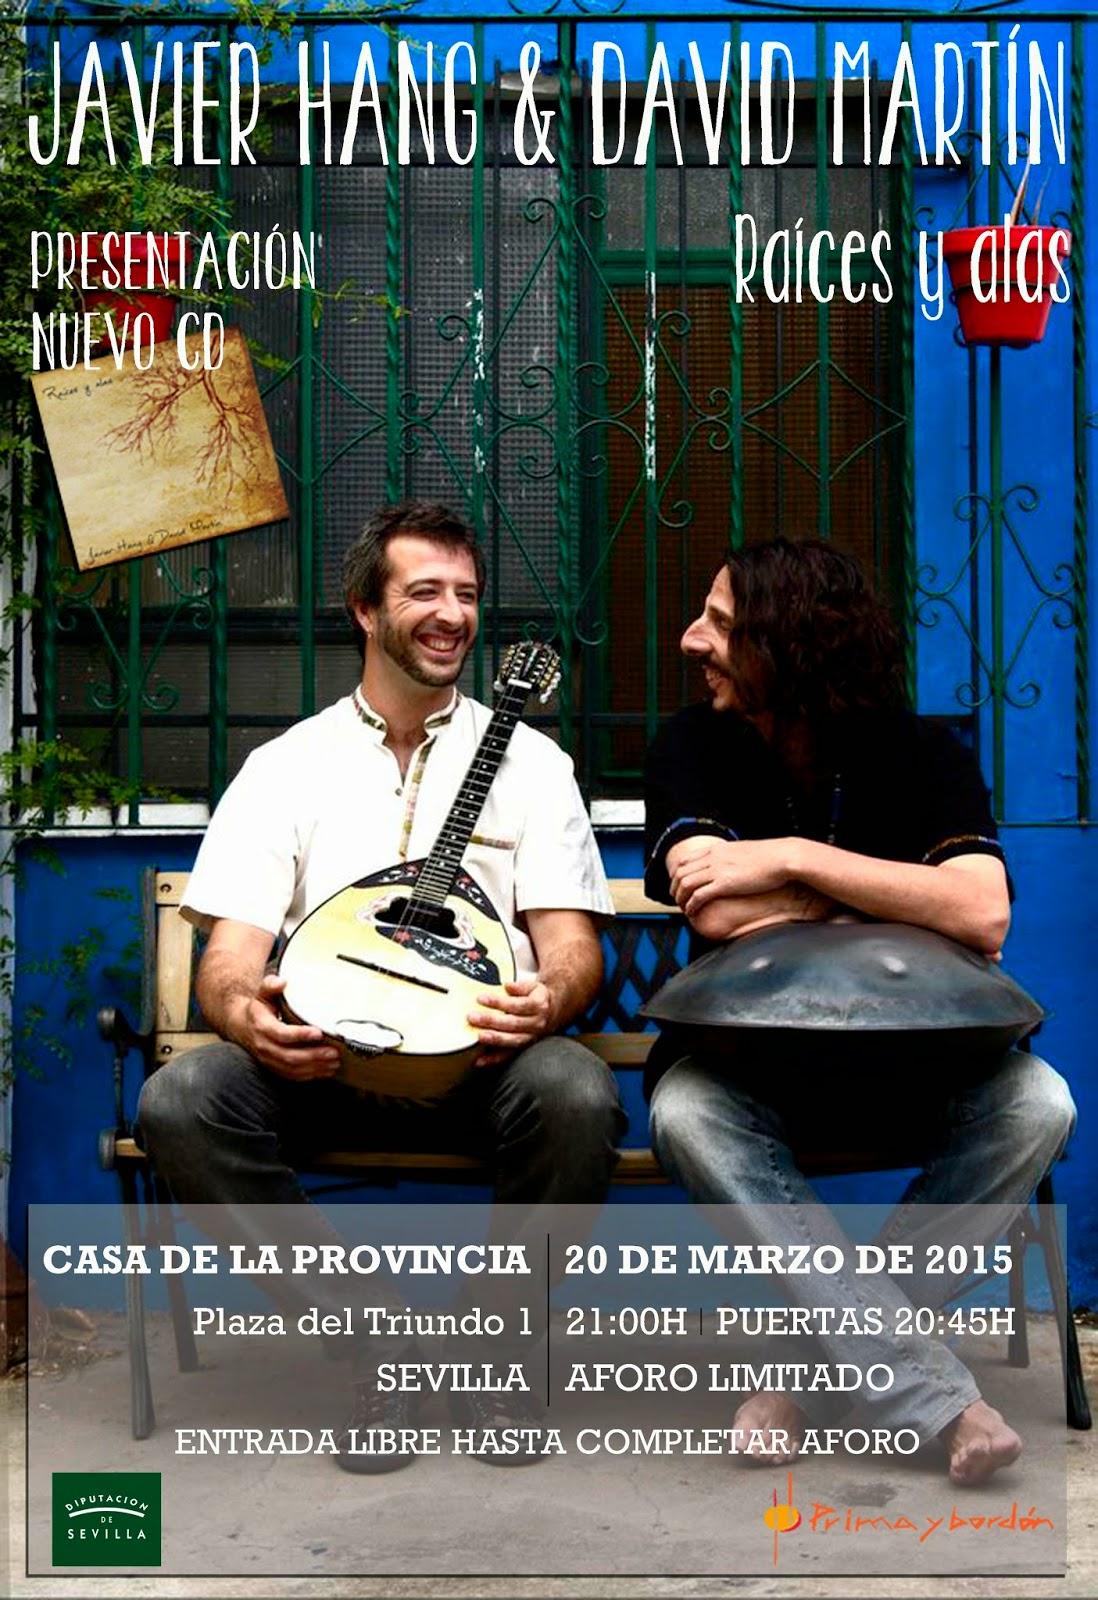 Javier Hang & David Martín. Casa de la Provincia. 20 de marzo. Entrada Libro.